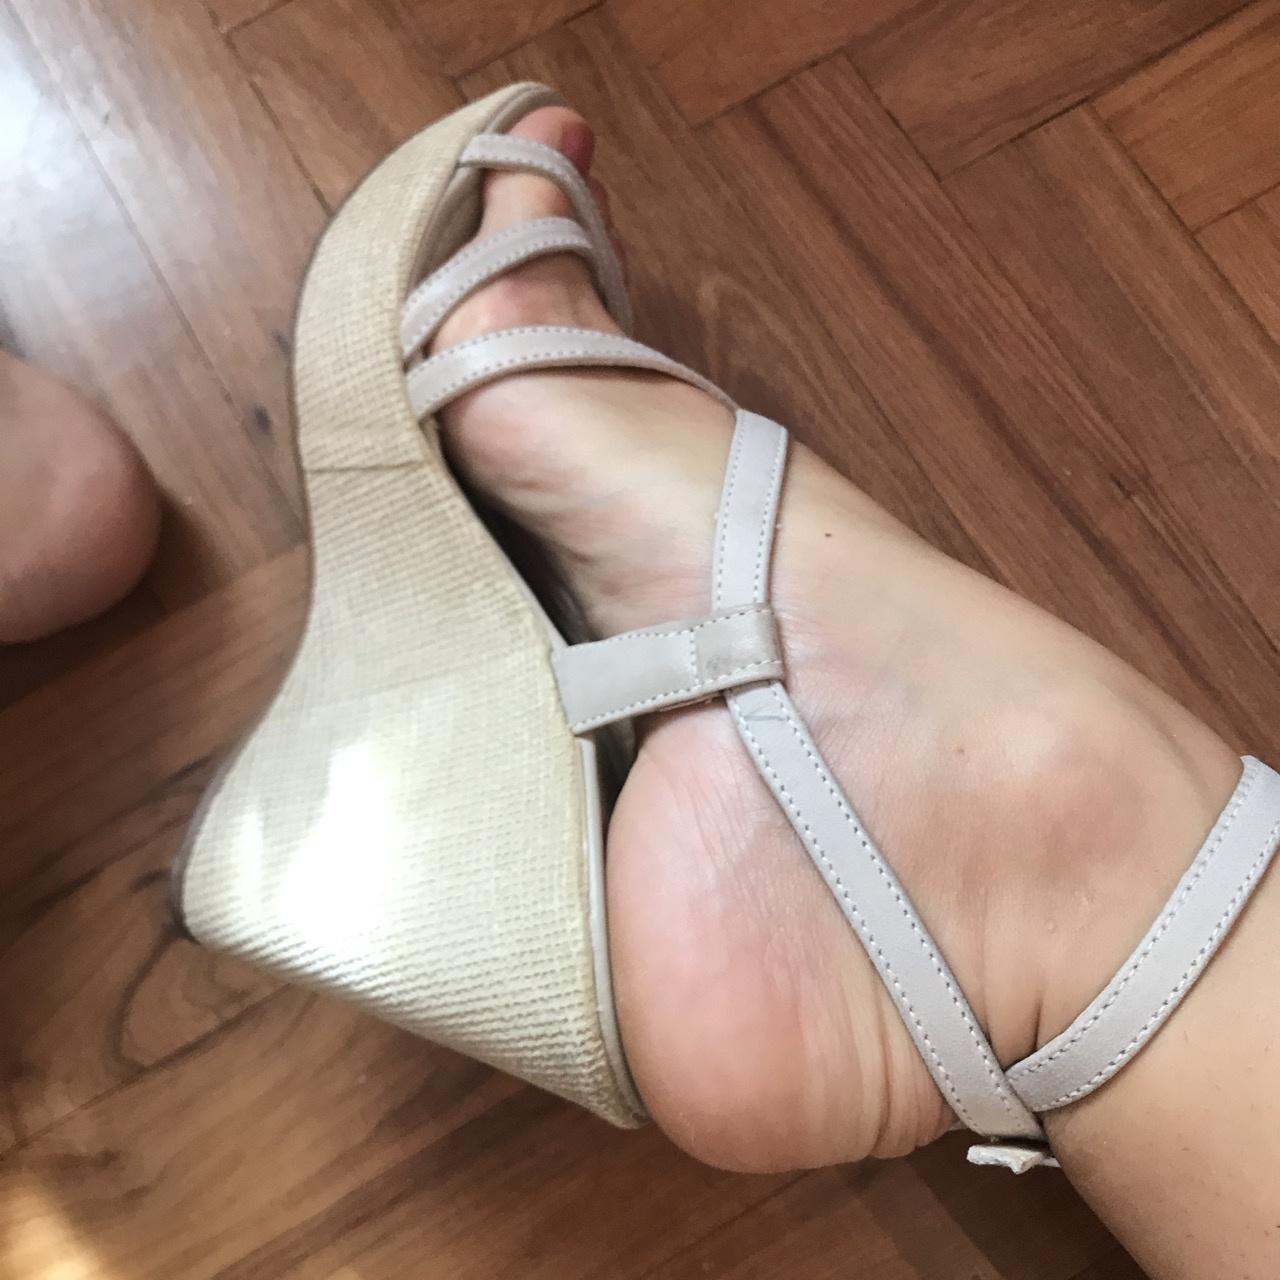 Vi piacciono i miei piedini?